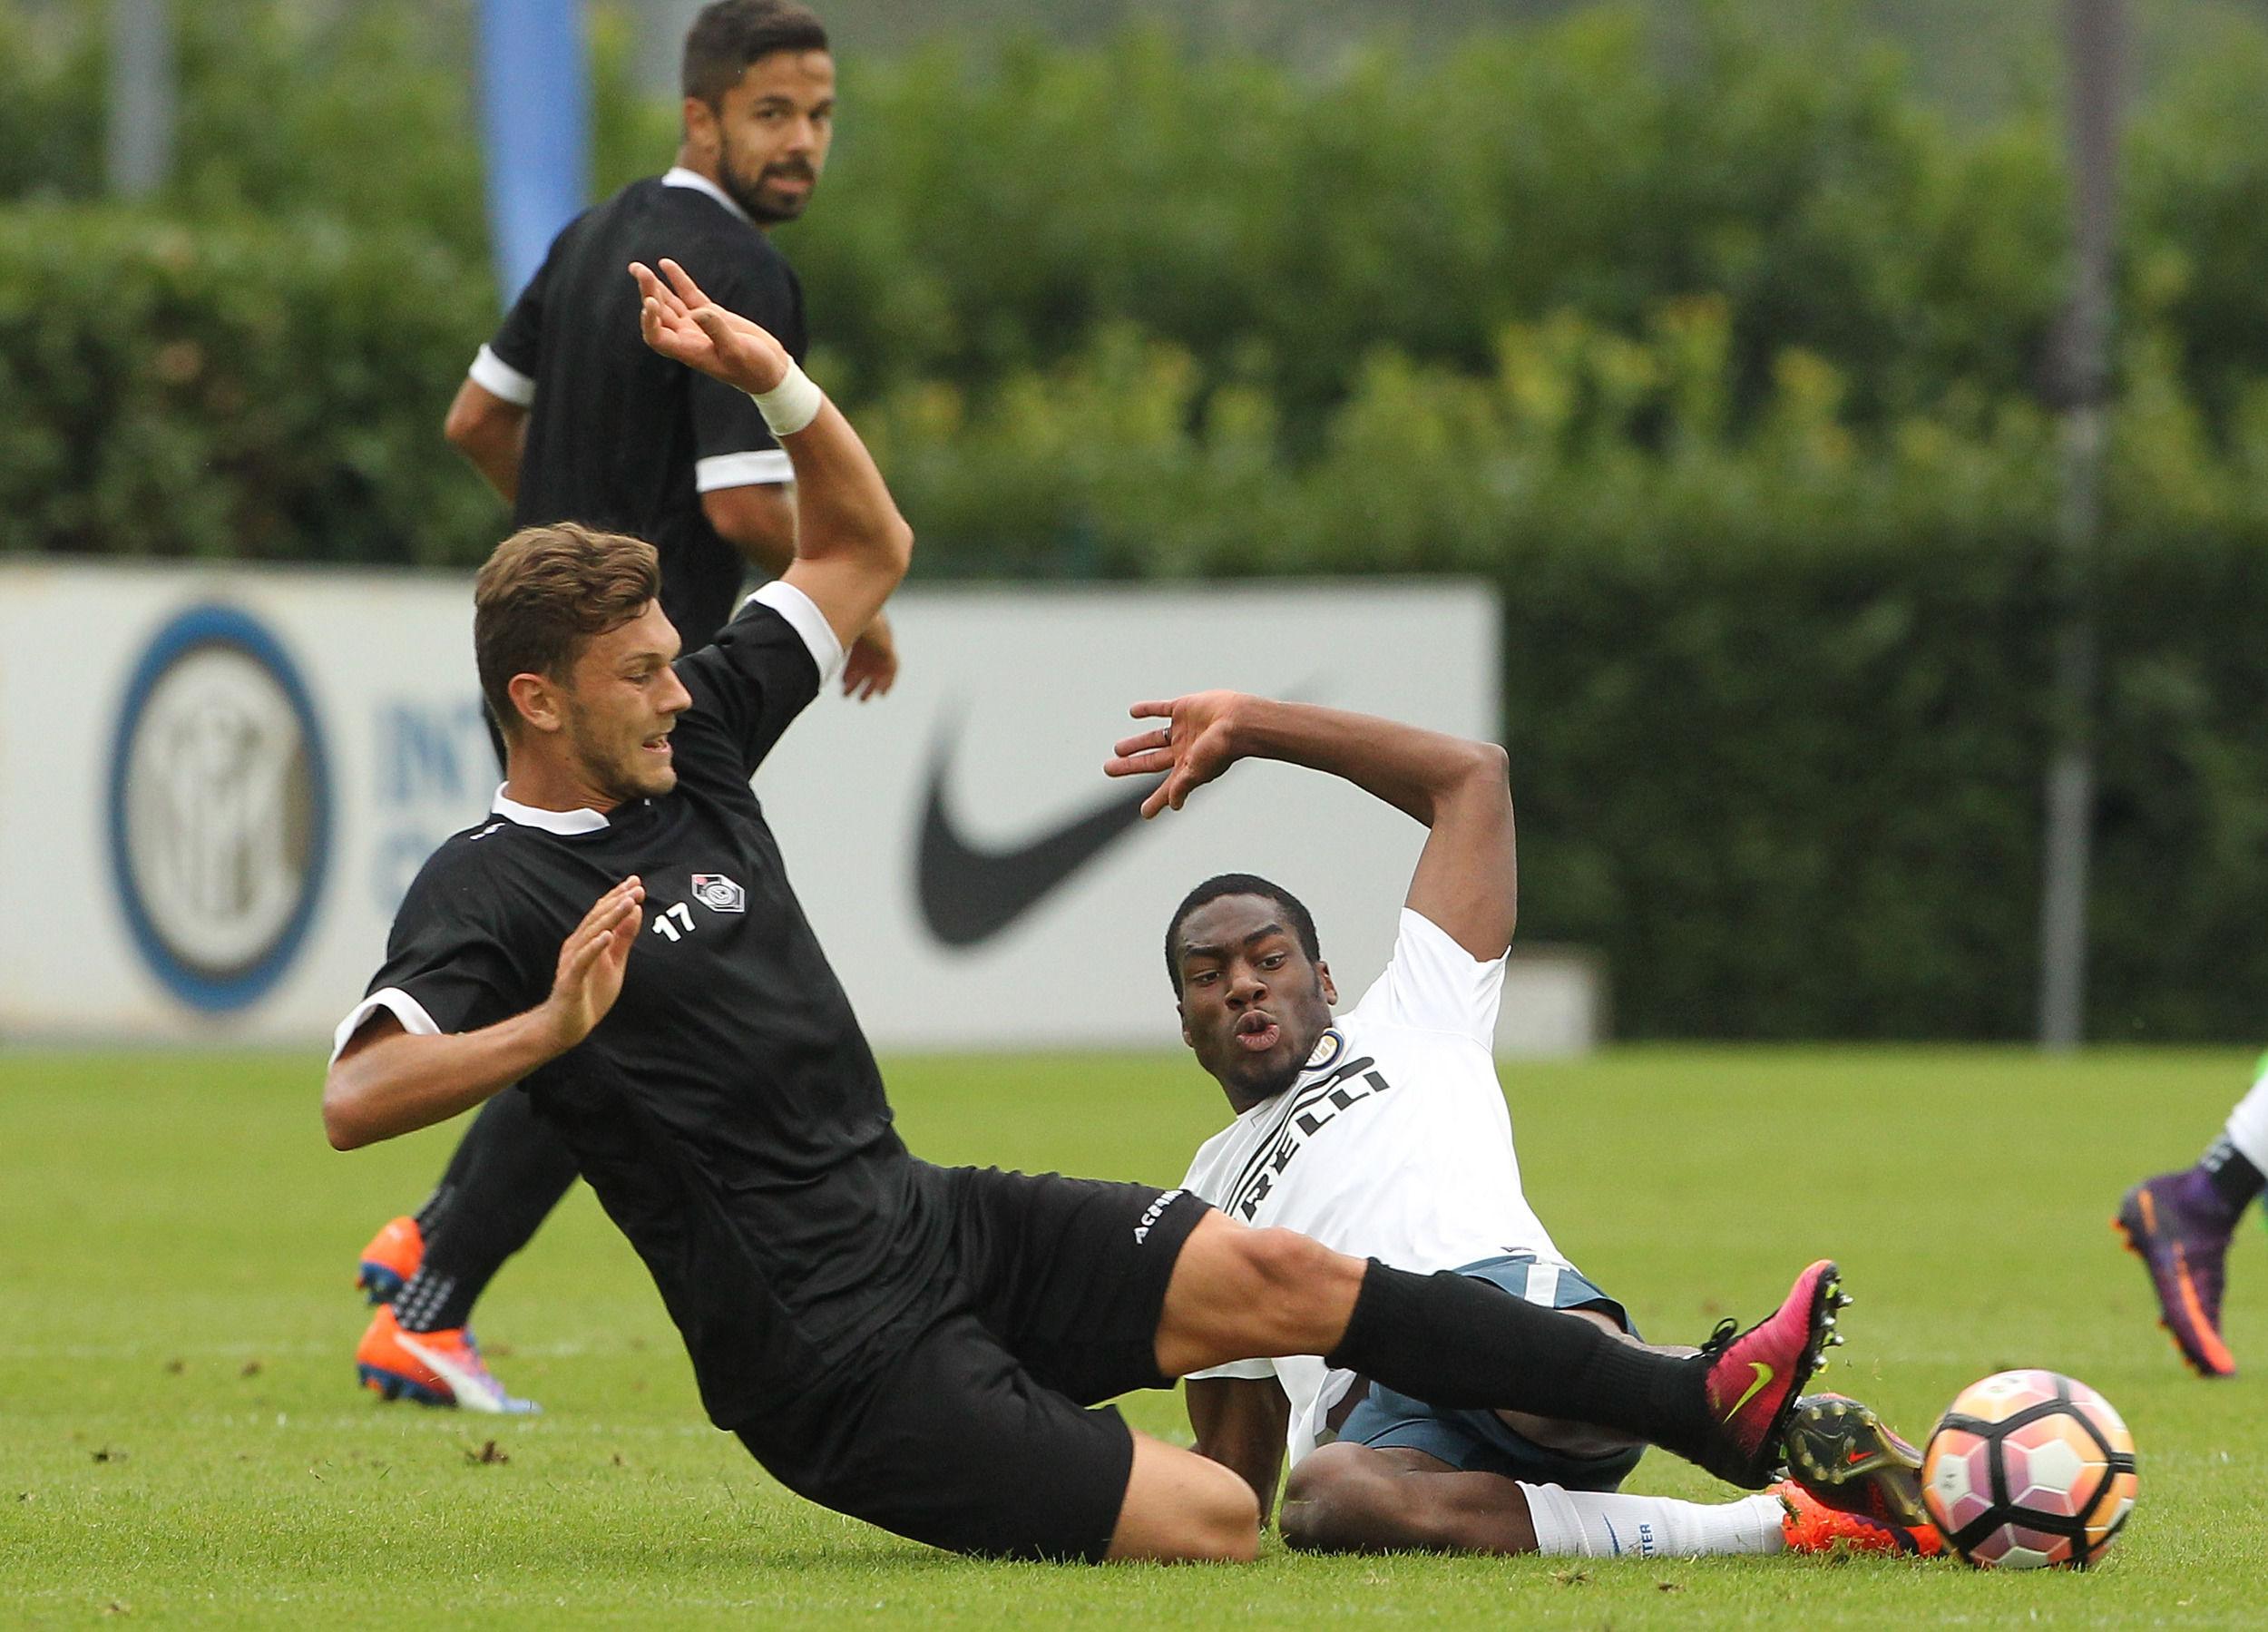 Seduta di allenamento con il Lugano